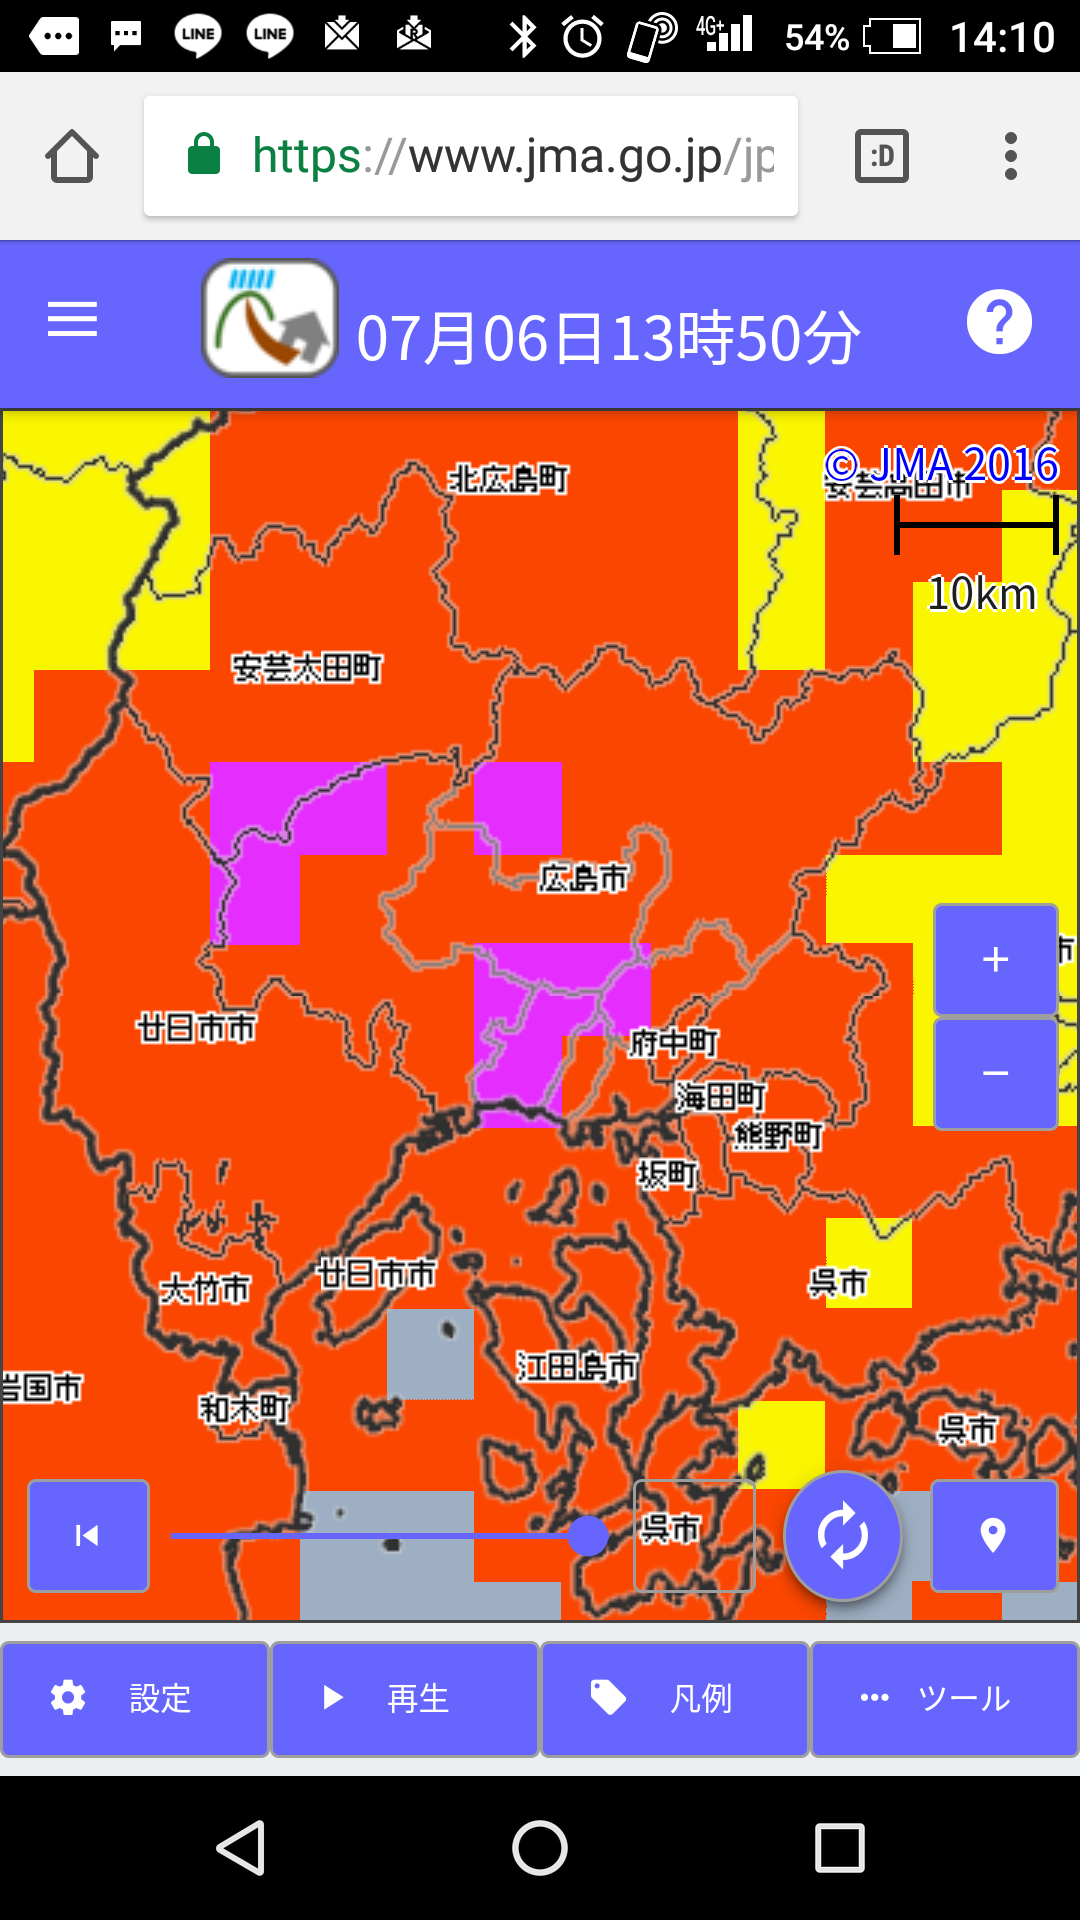 広島など各地で特別警報級豪雨≪随時更新≫_e0094315_14144330.png